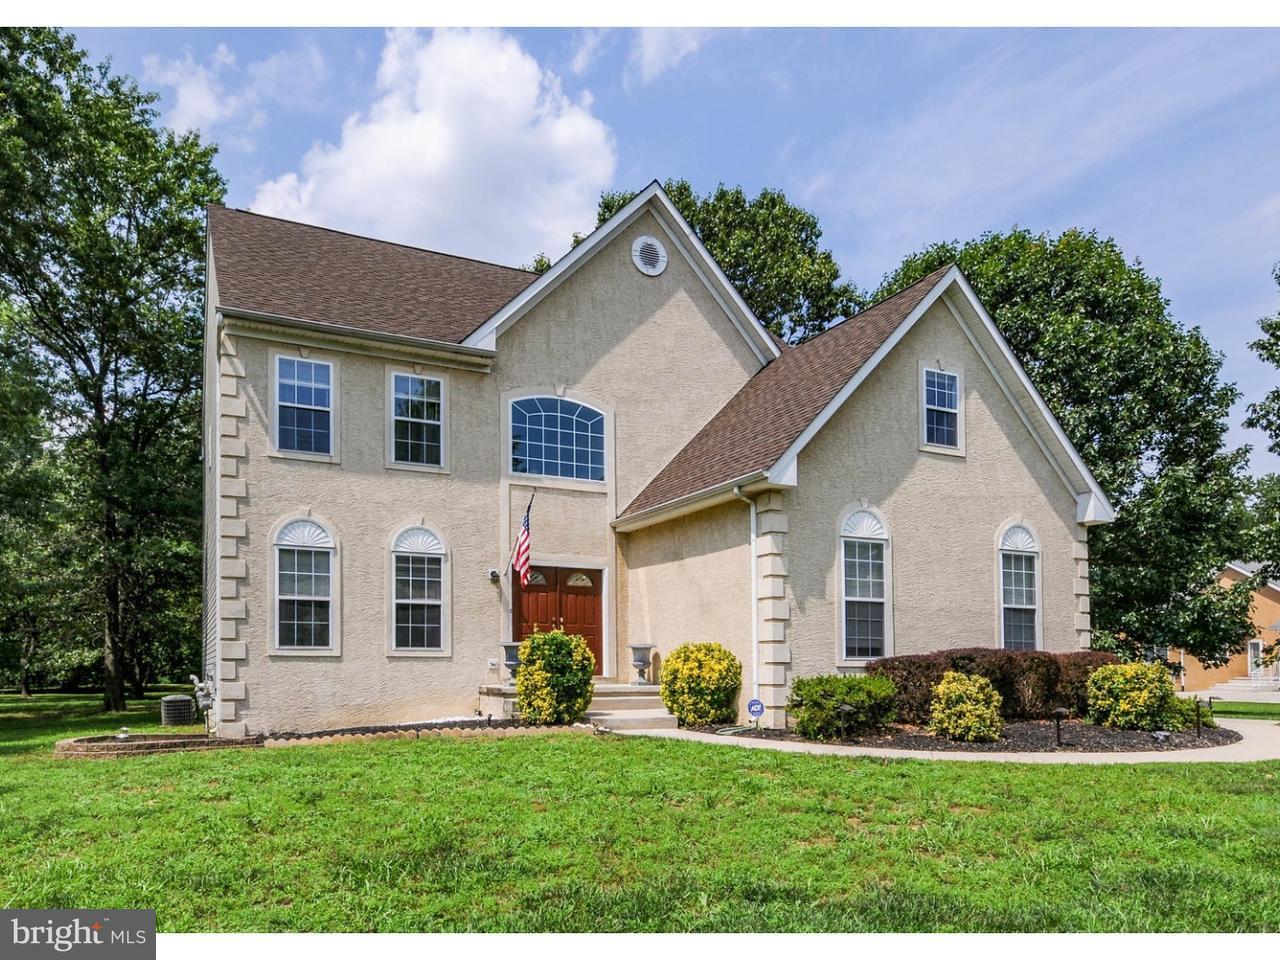 独户住宅 为 销售 在 2 ELLIS ALY Edgewater Park, 新泽西州 08010 美国